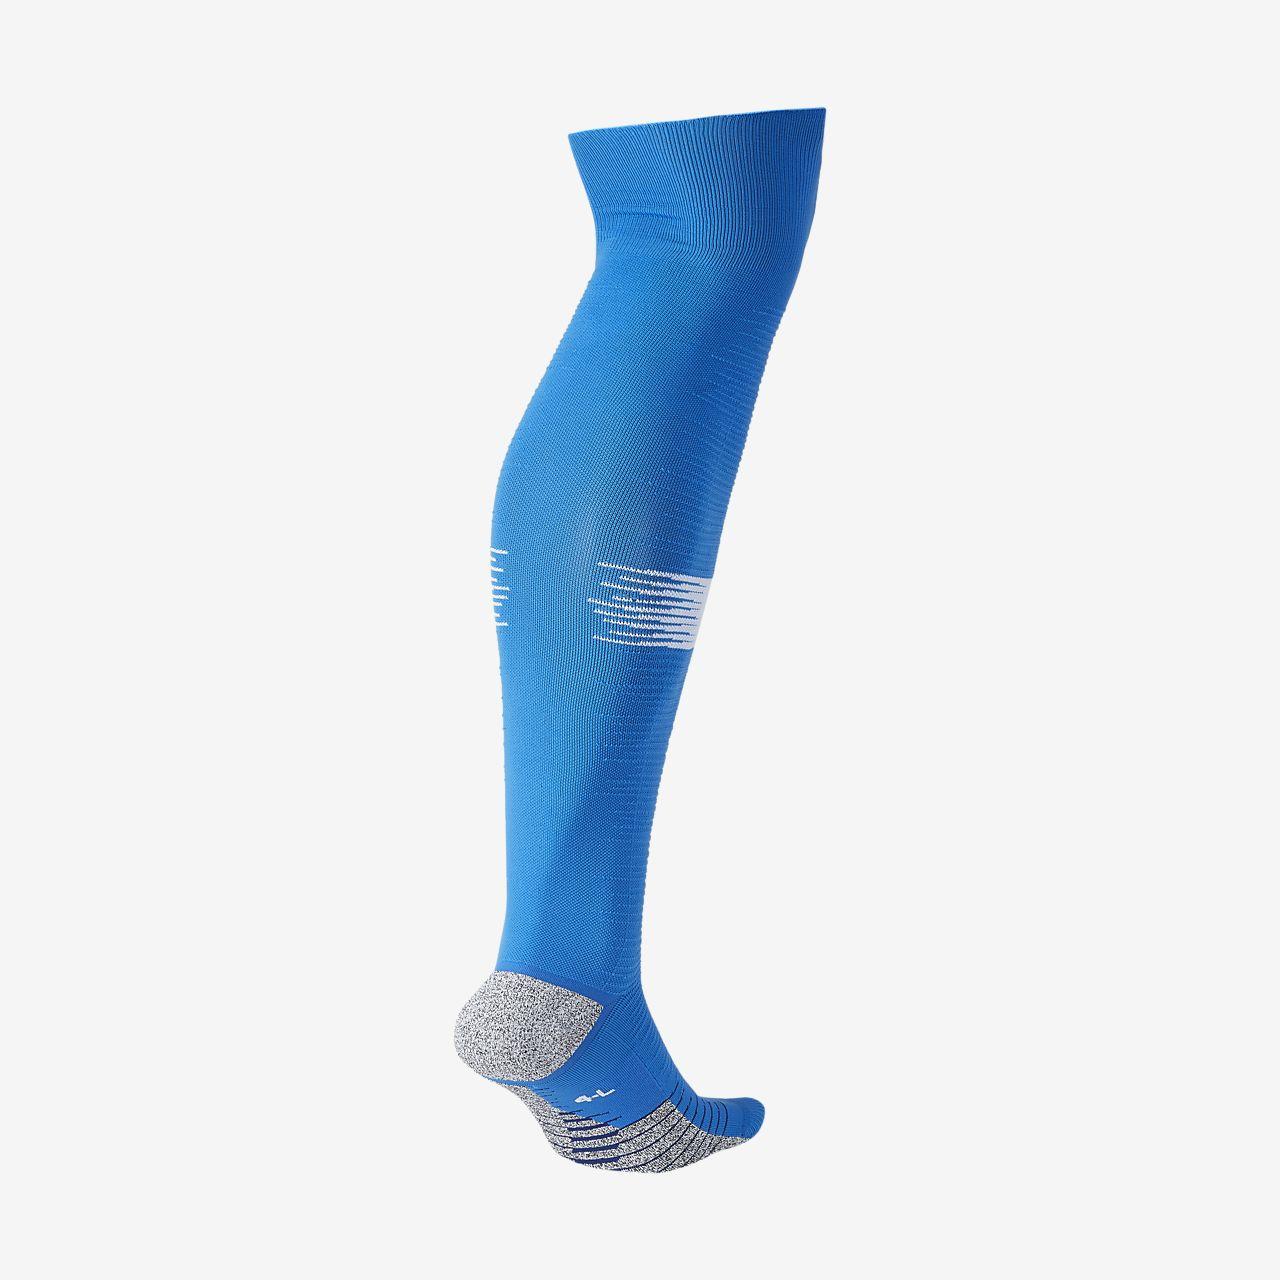 Calzettoni lunghi da calcio NikeGrip Strike Light